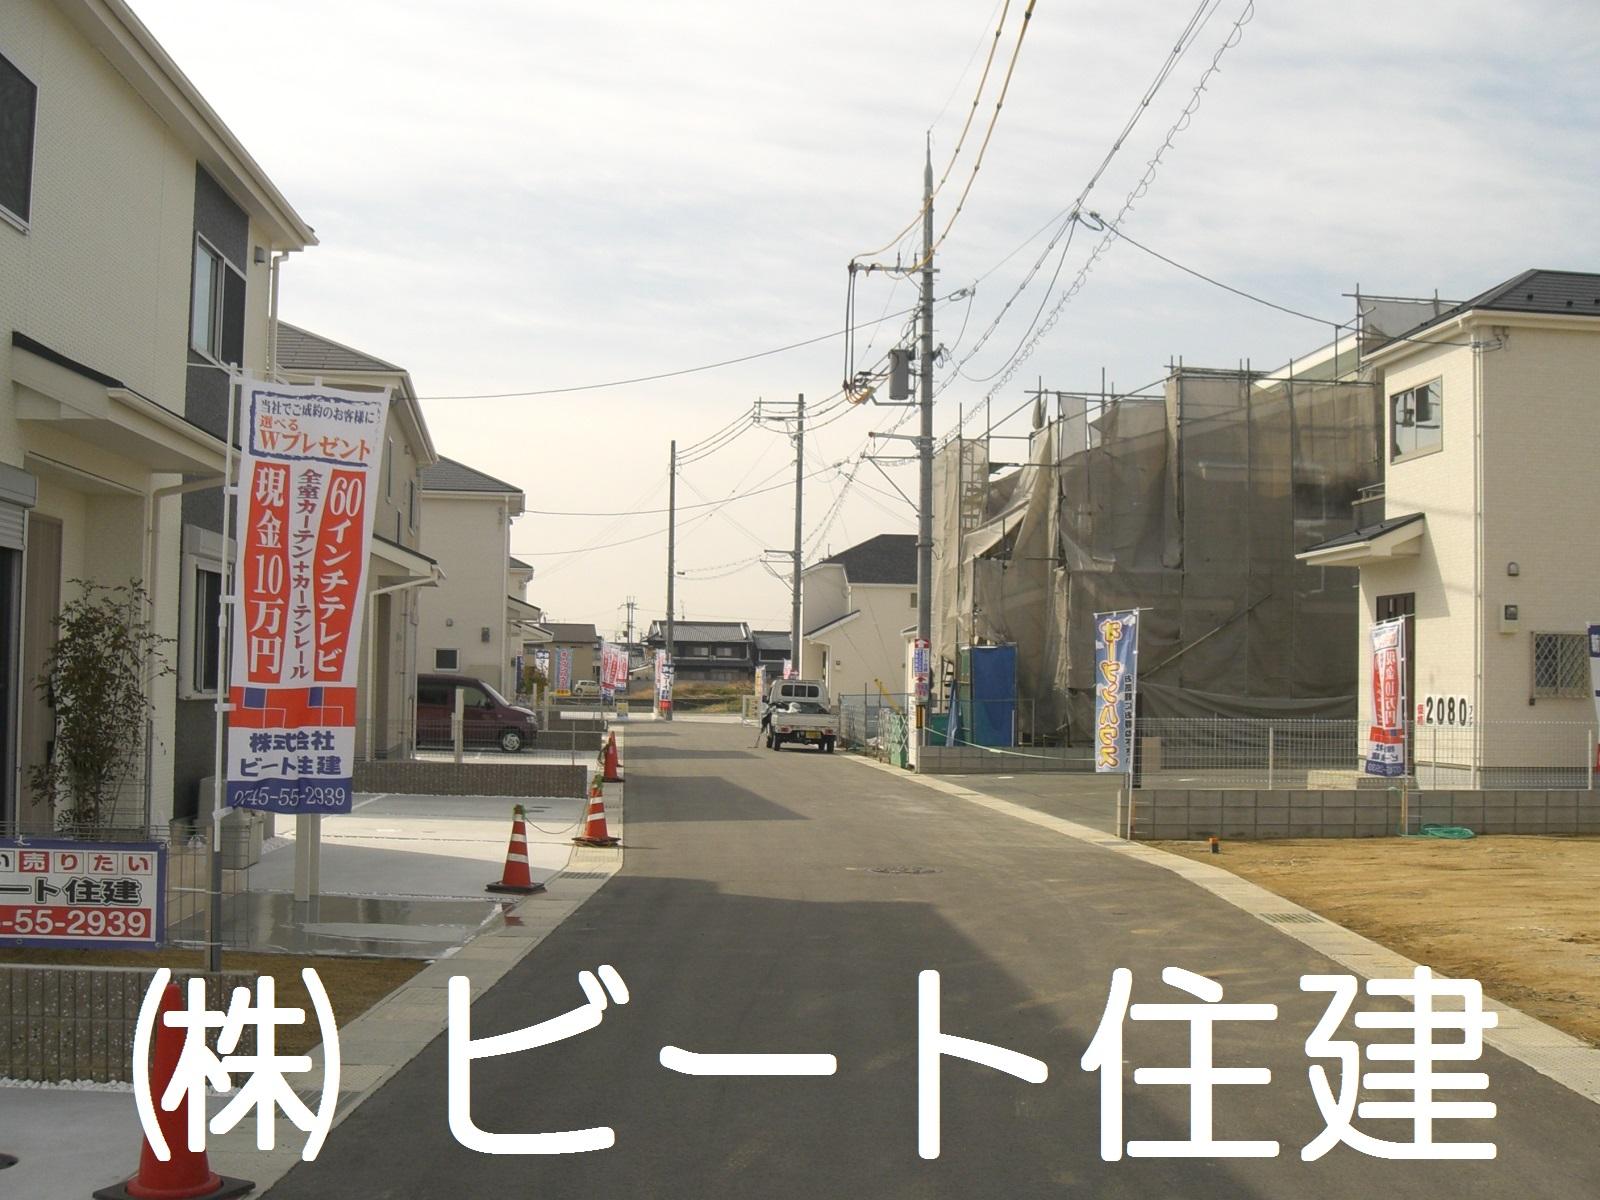 新築 1号棟 2080万円 オール電化 住宅 角地